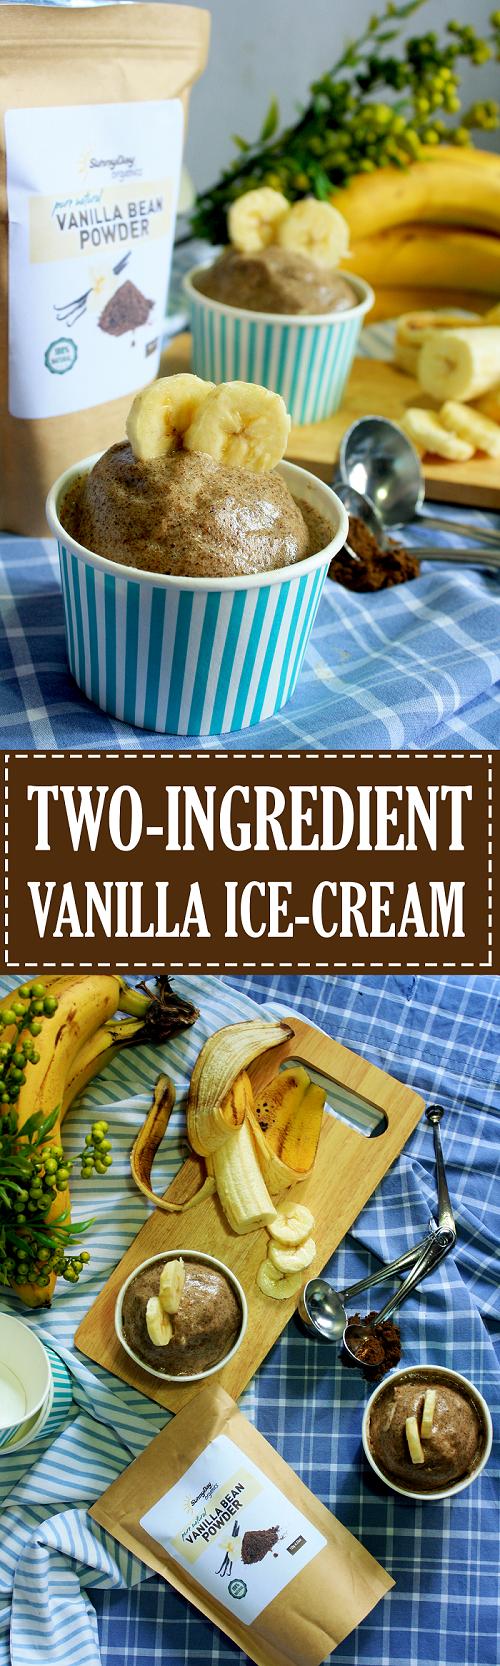 Two Ingredient Vanilla Ice Cream Recipe - Summer Day Naturals